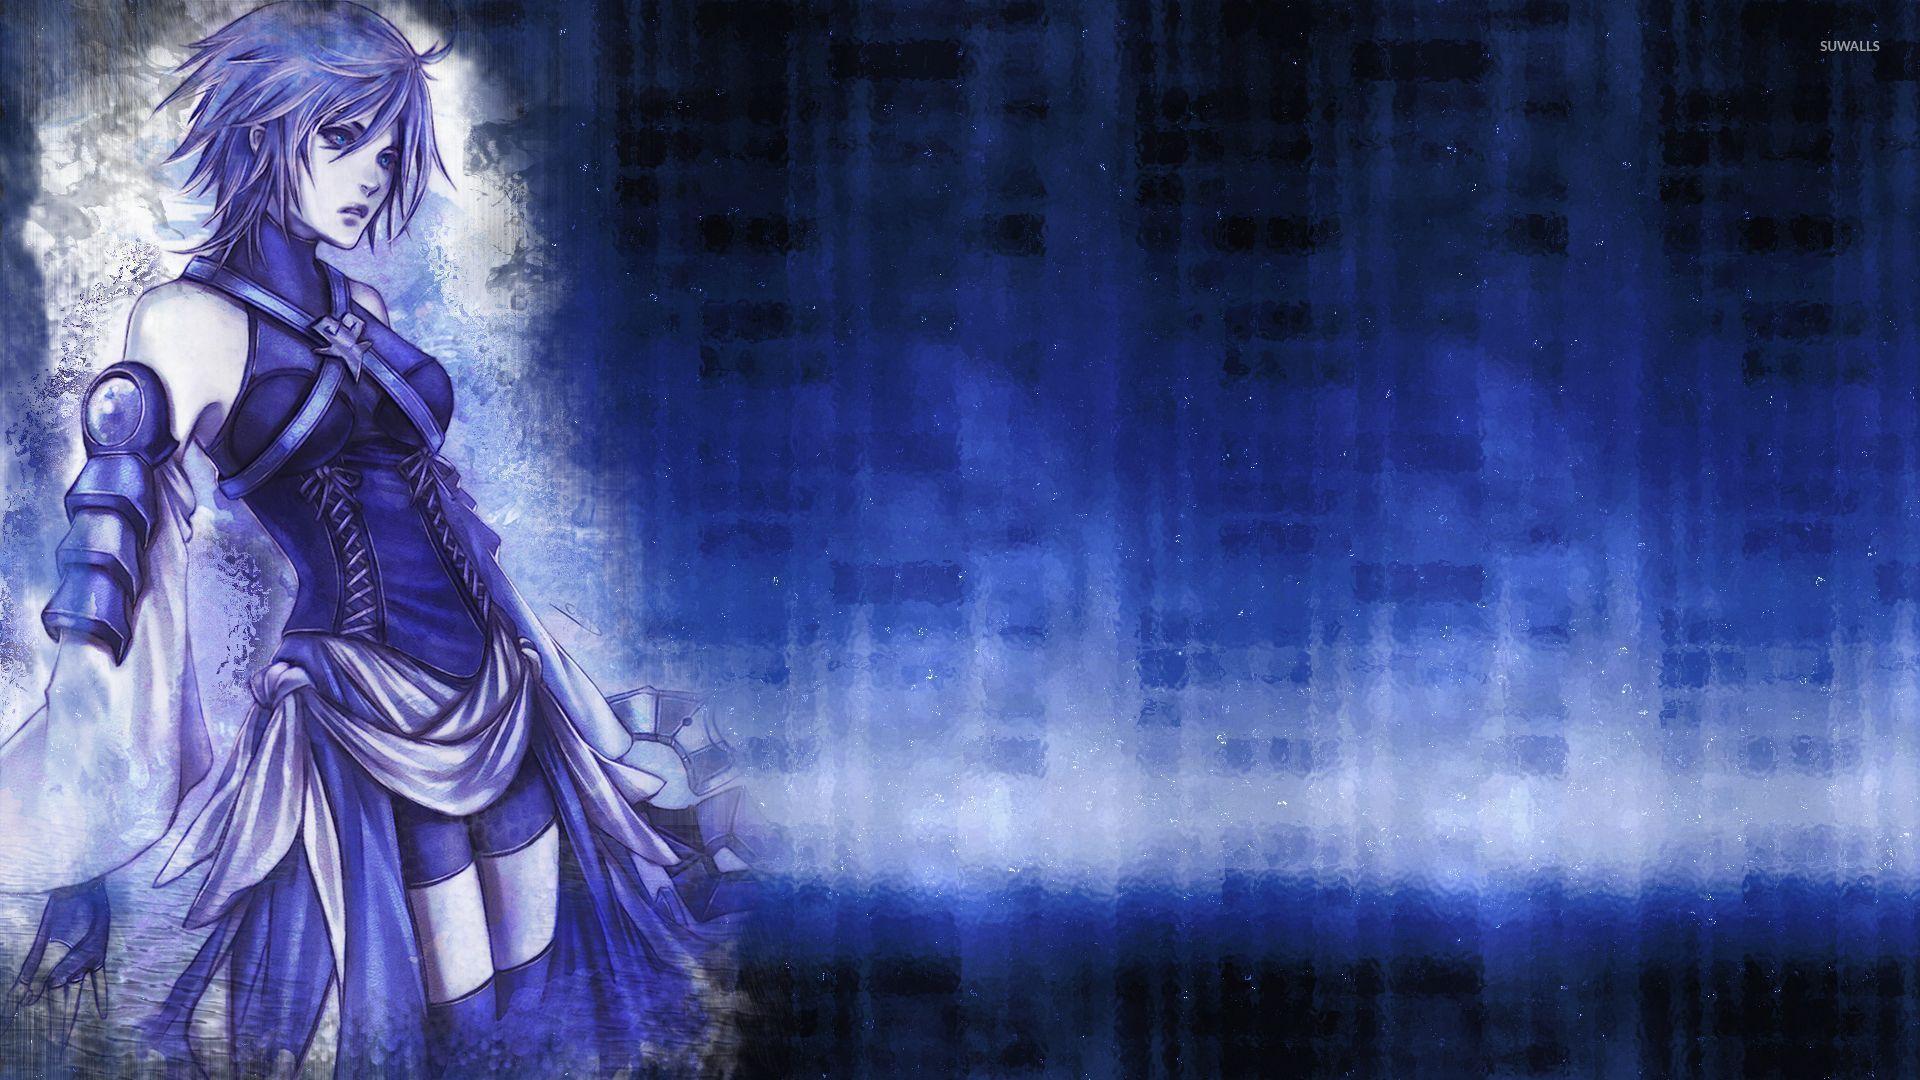 Kingdom Hearts Aqua Wallpapers Top Free Kingdom Hearts Aqua